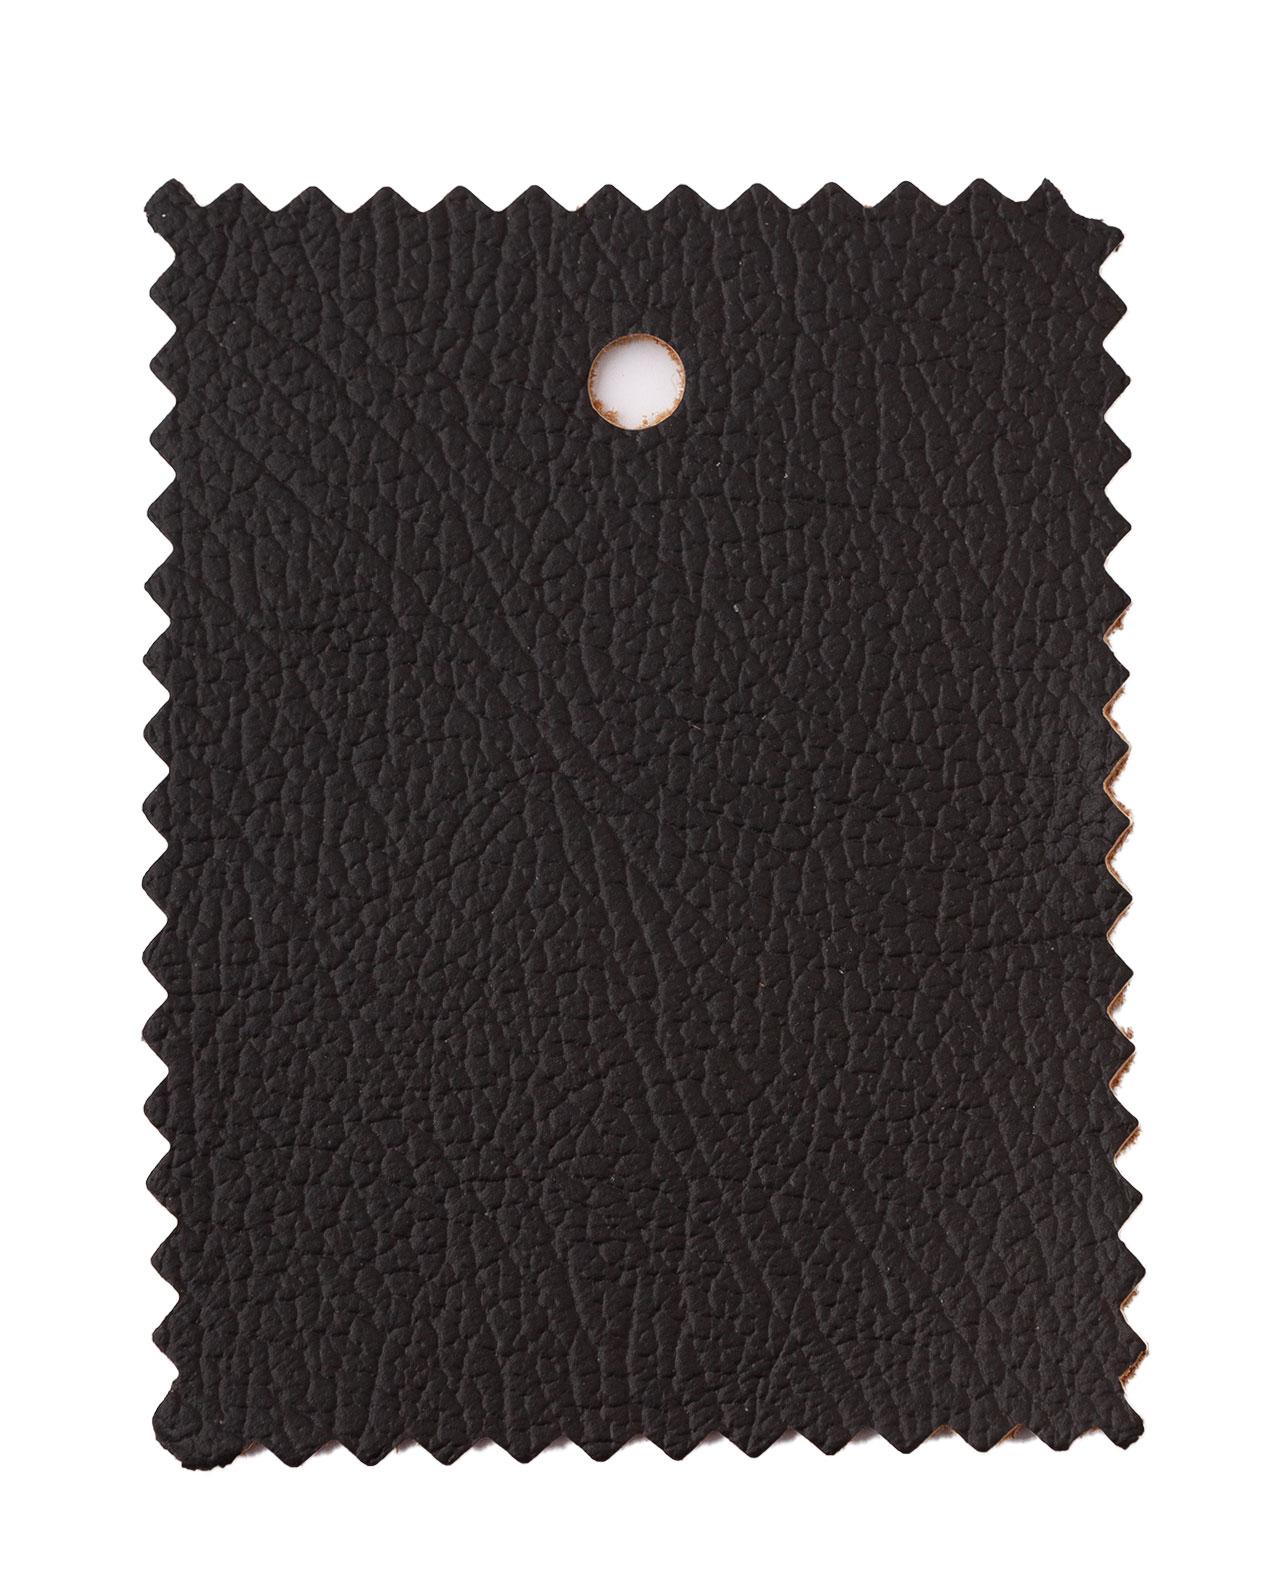 Abbildung Oldtimerleder-9000K-schwarz-kopfgefaerbt